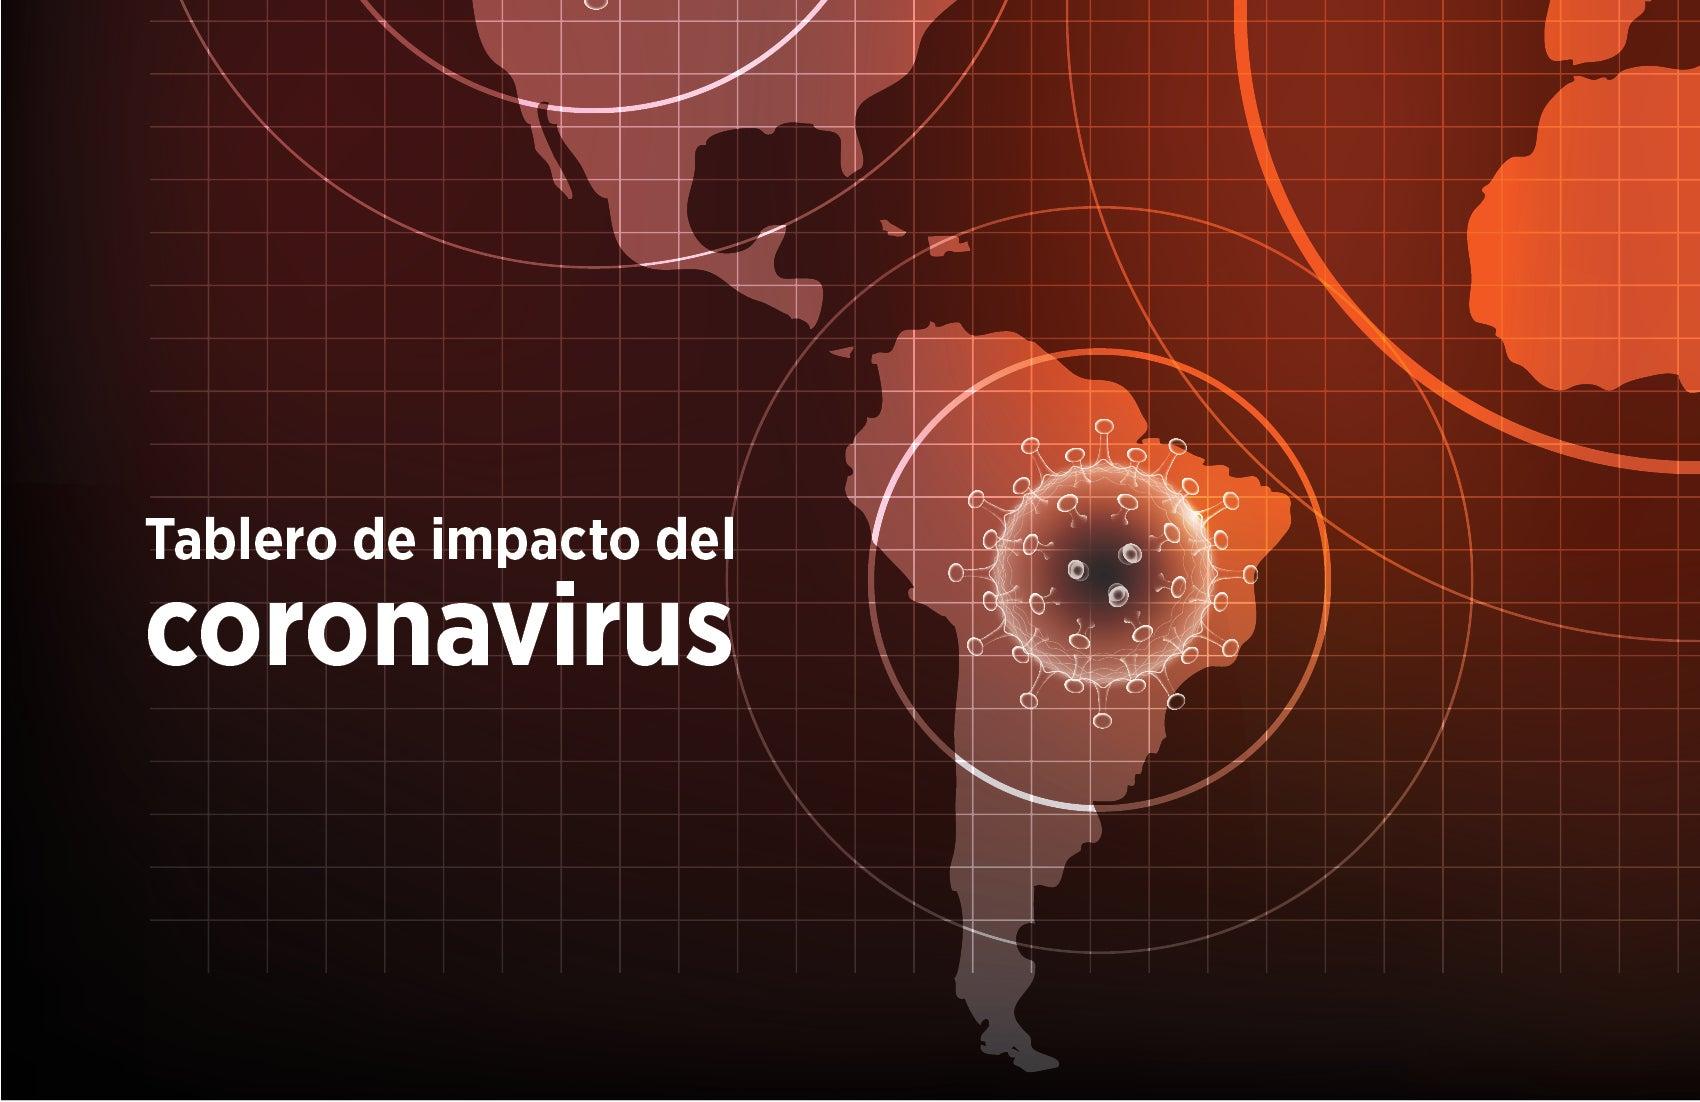 Tablero de impacto del coronavirus: efectos de las medidas de distanciamiento social